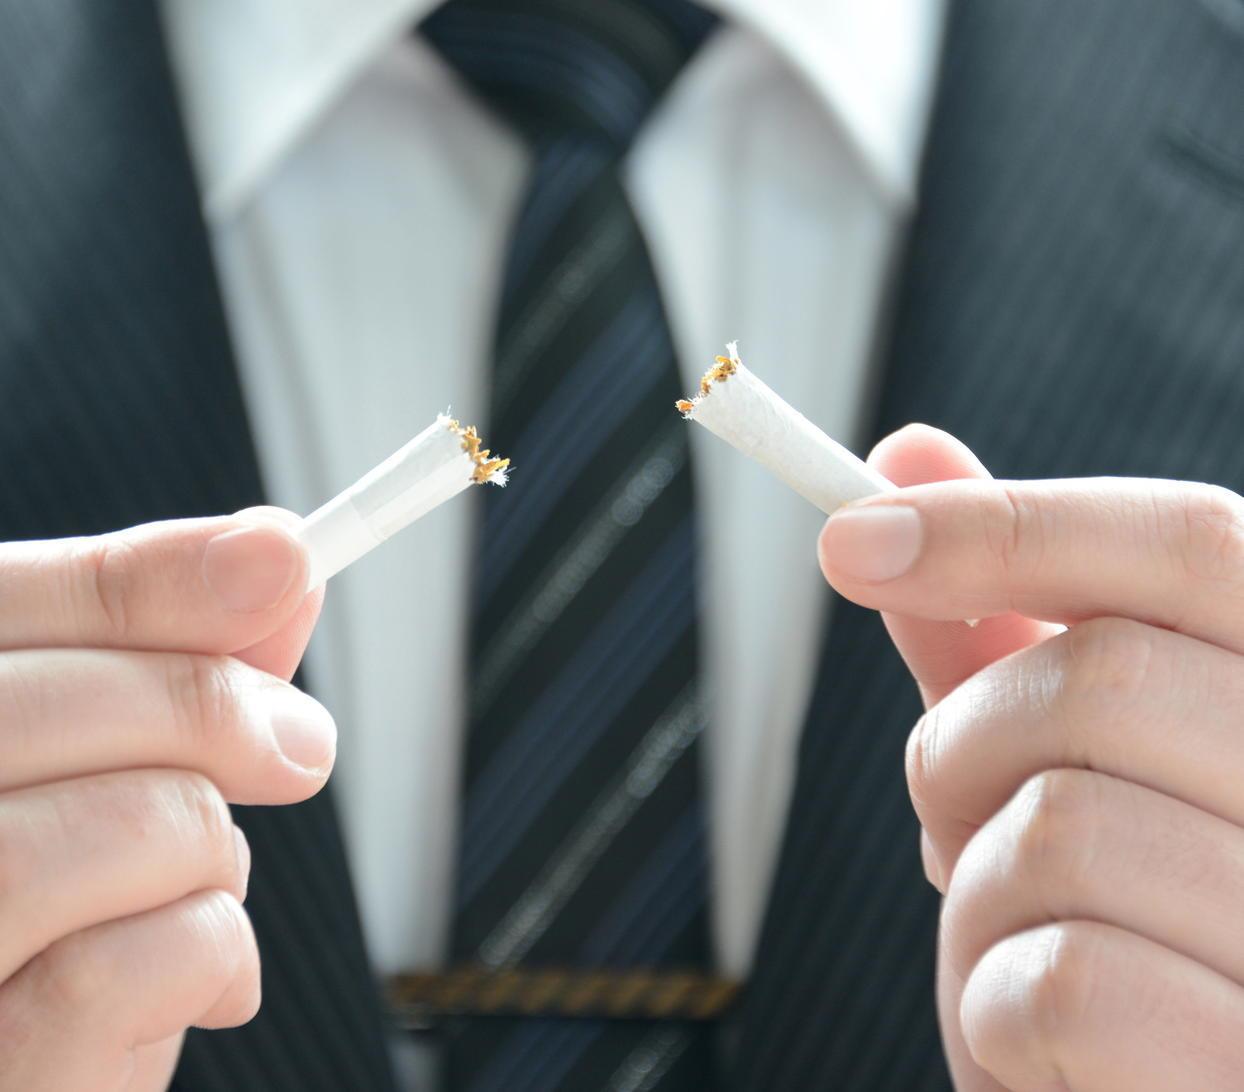 「職場における受動喫煙防止のためのガイドライン」を公表 厚労省